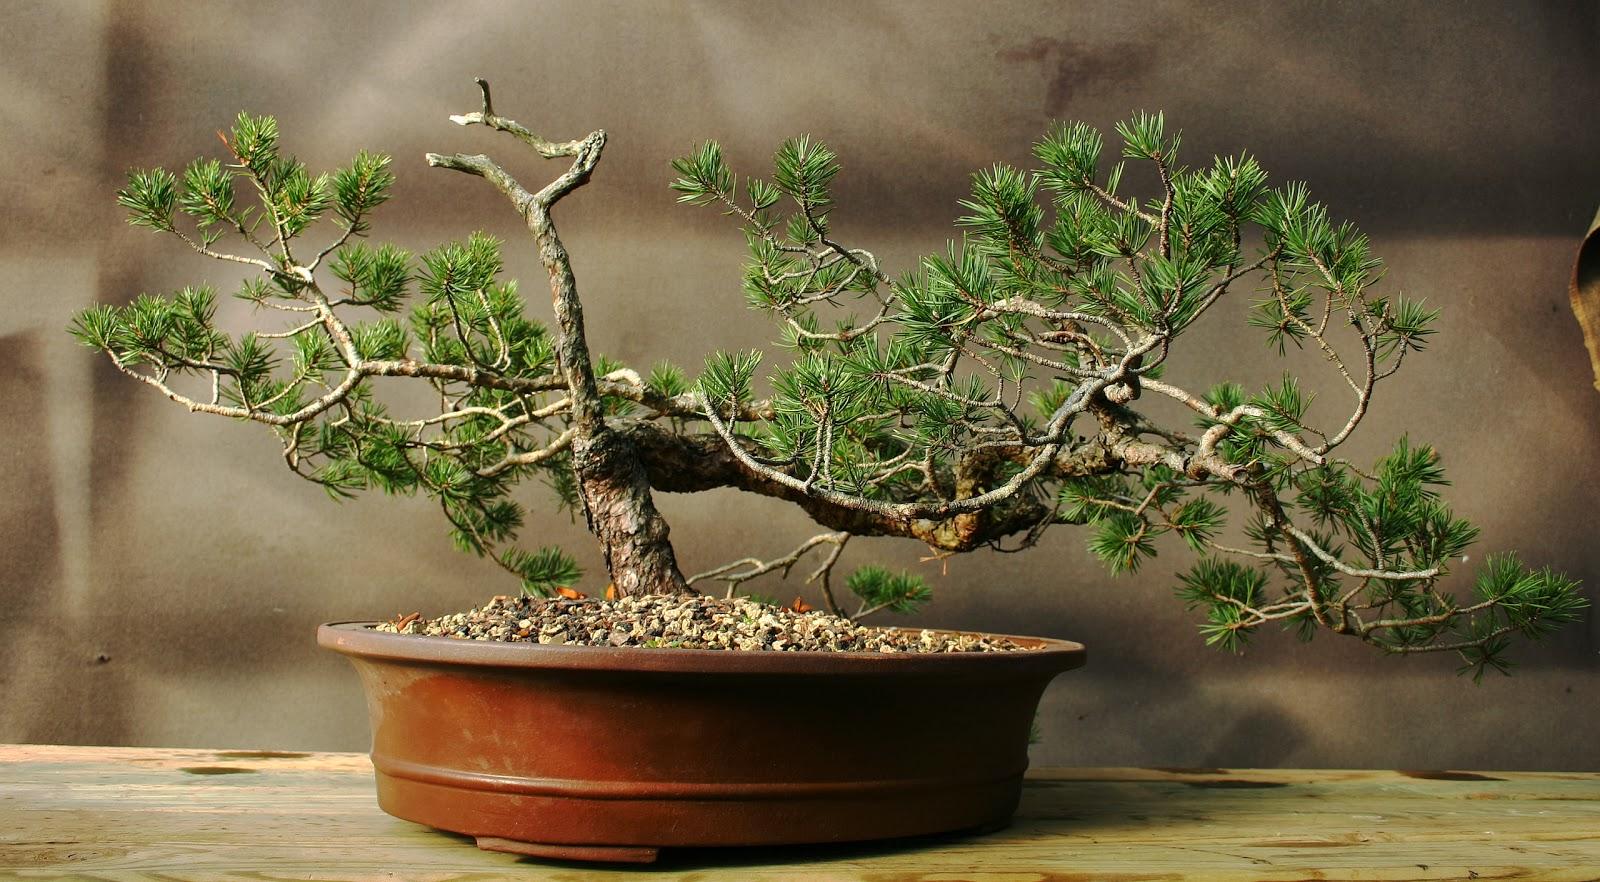 Profession bonsa pin sylvestre vendre - Bonsai arbre prix ...